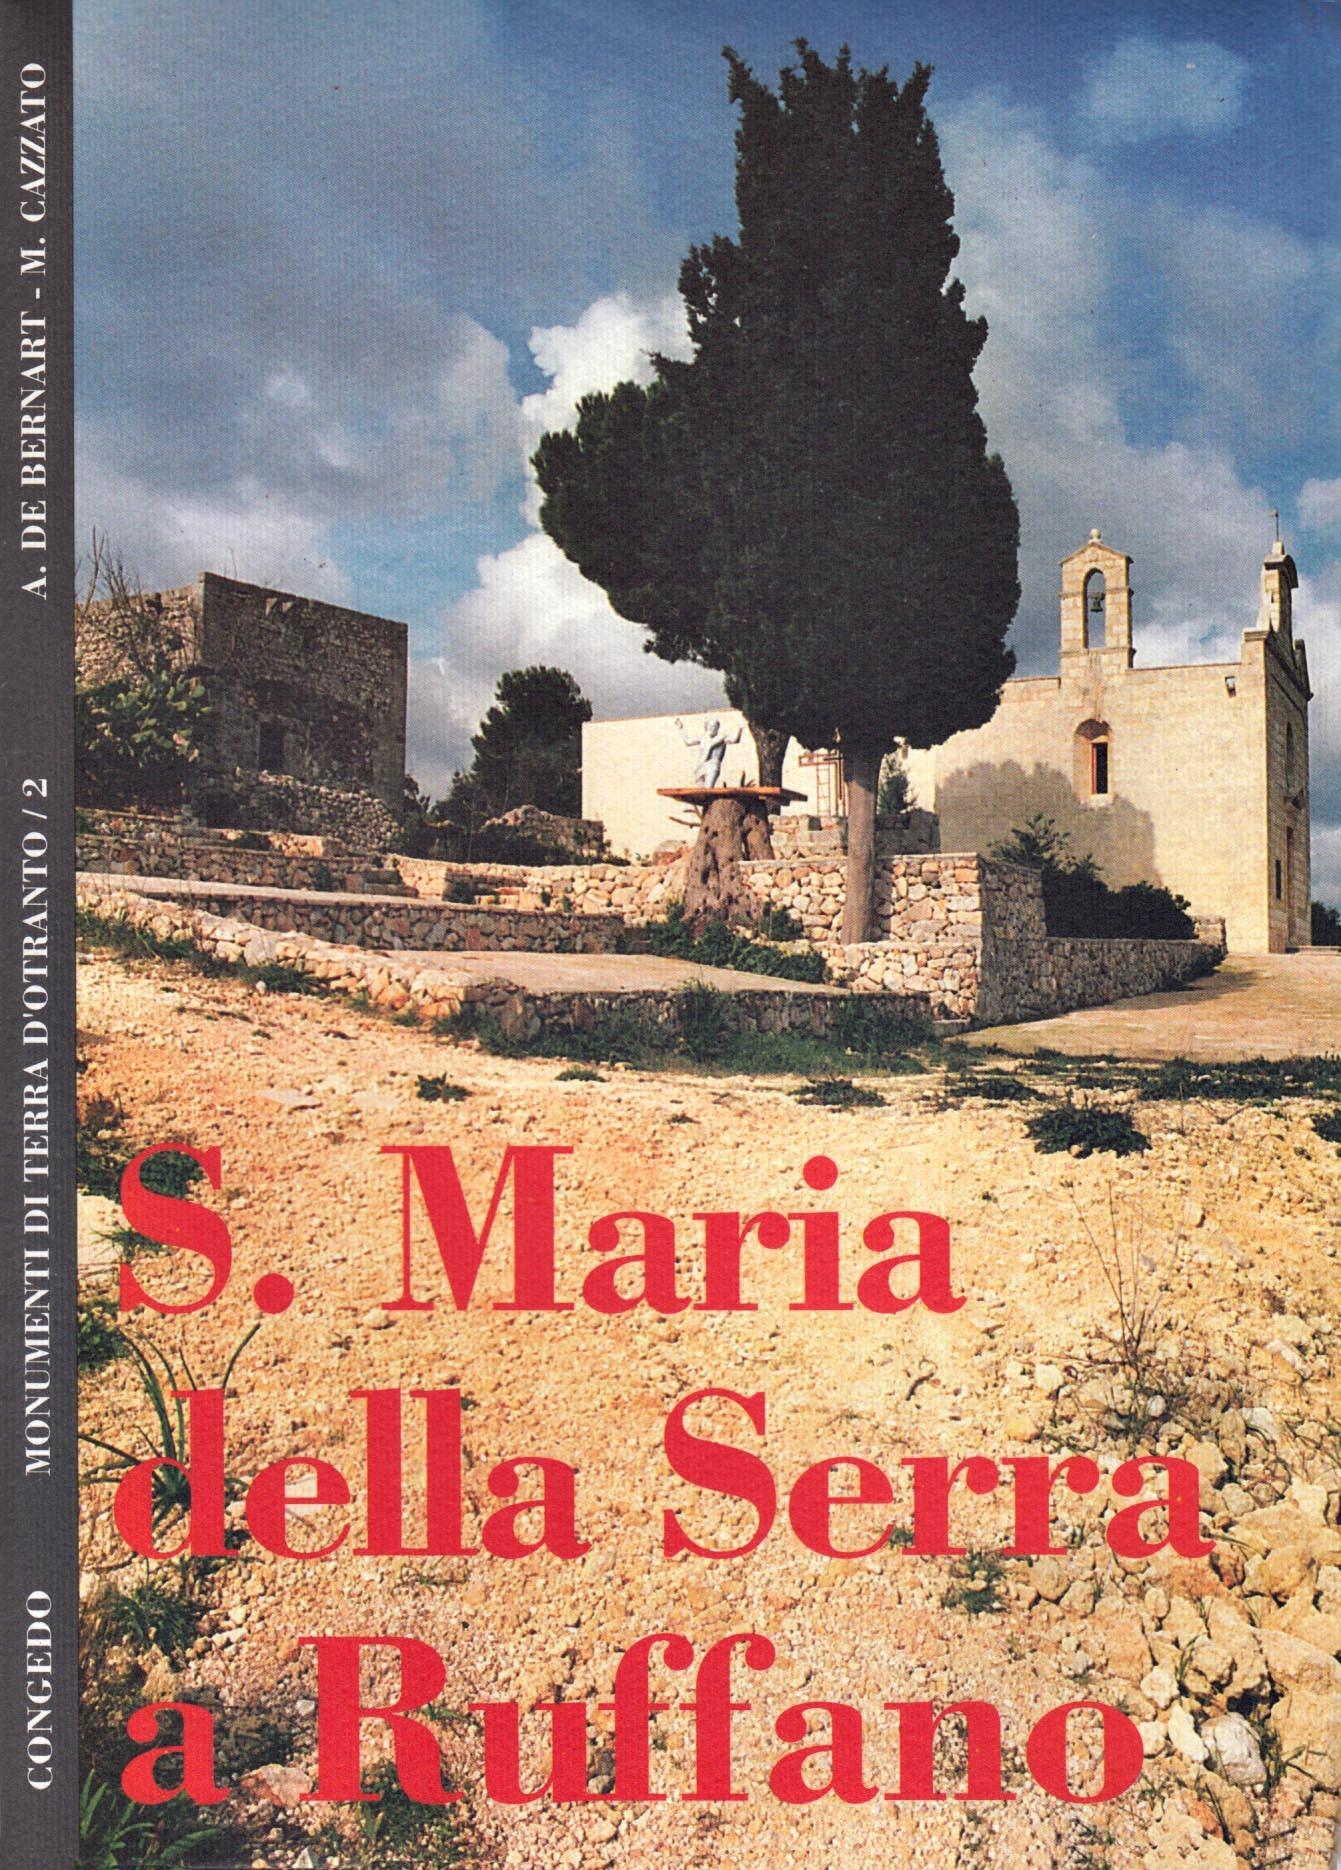 S. Maria della Serra a Ruffano